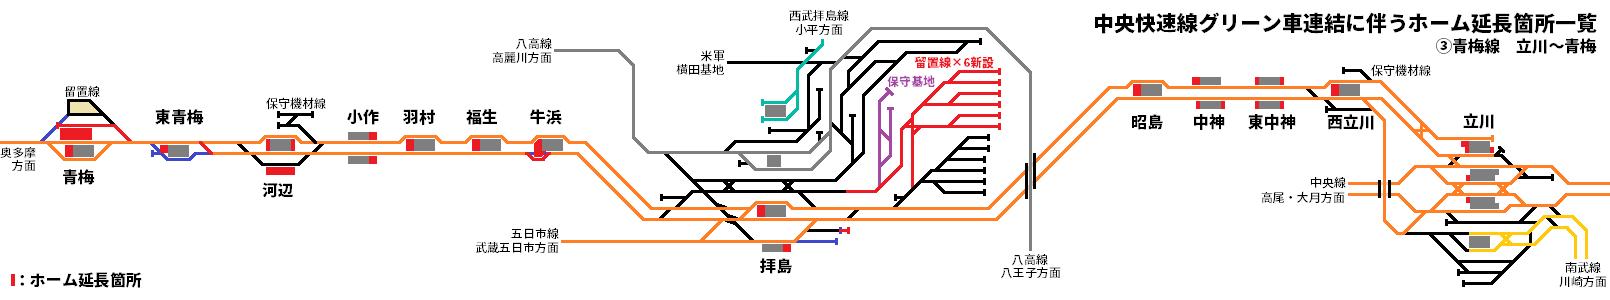 青梅線立川~青梅間のホーム延長箇所一覧